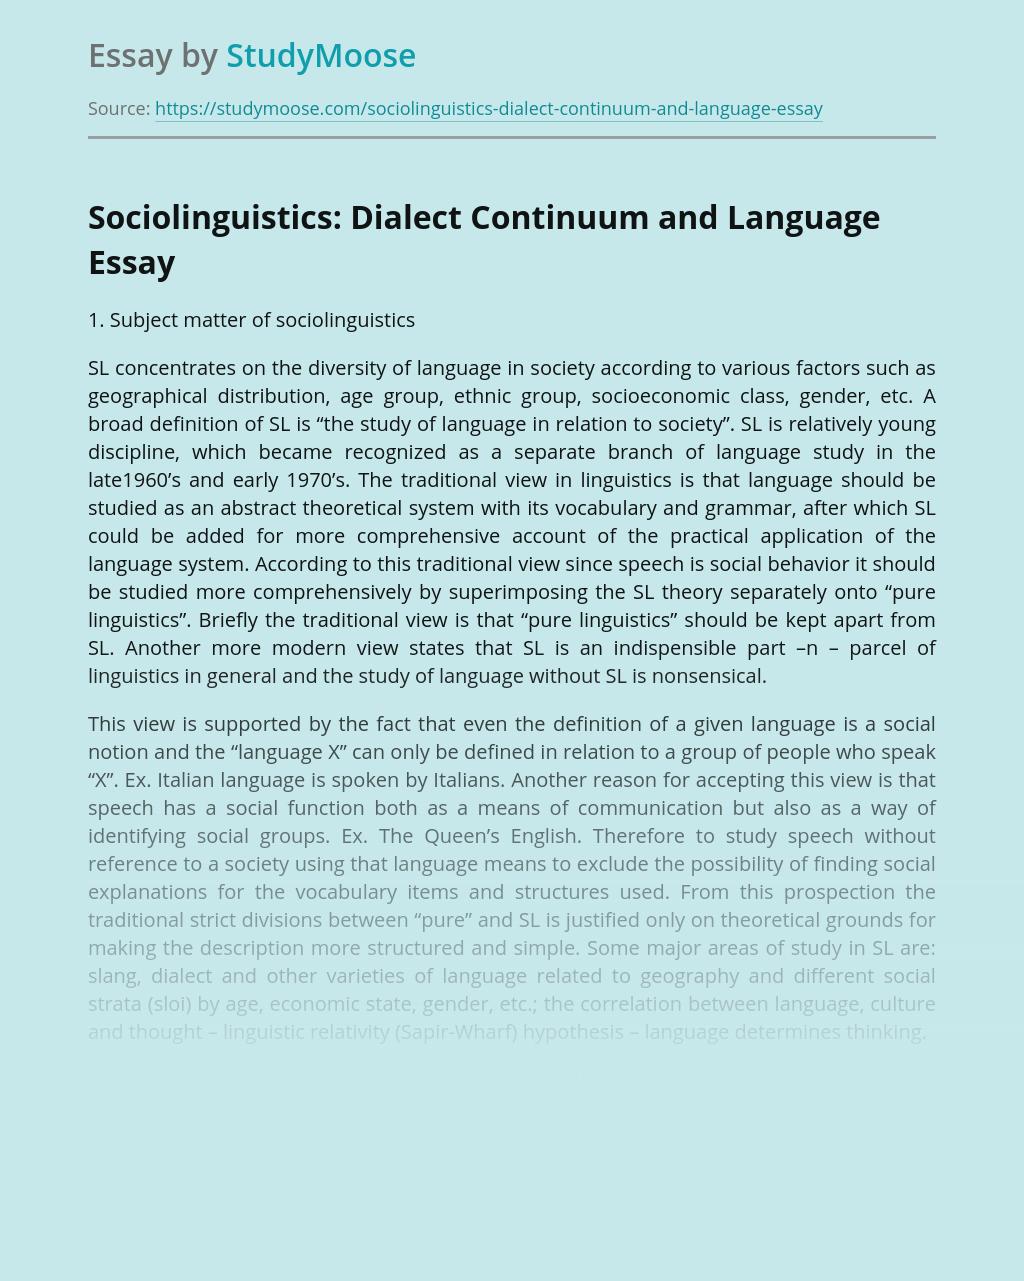 Sociolinguistics: Dialect Continuum and Language